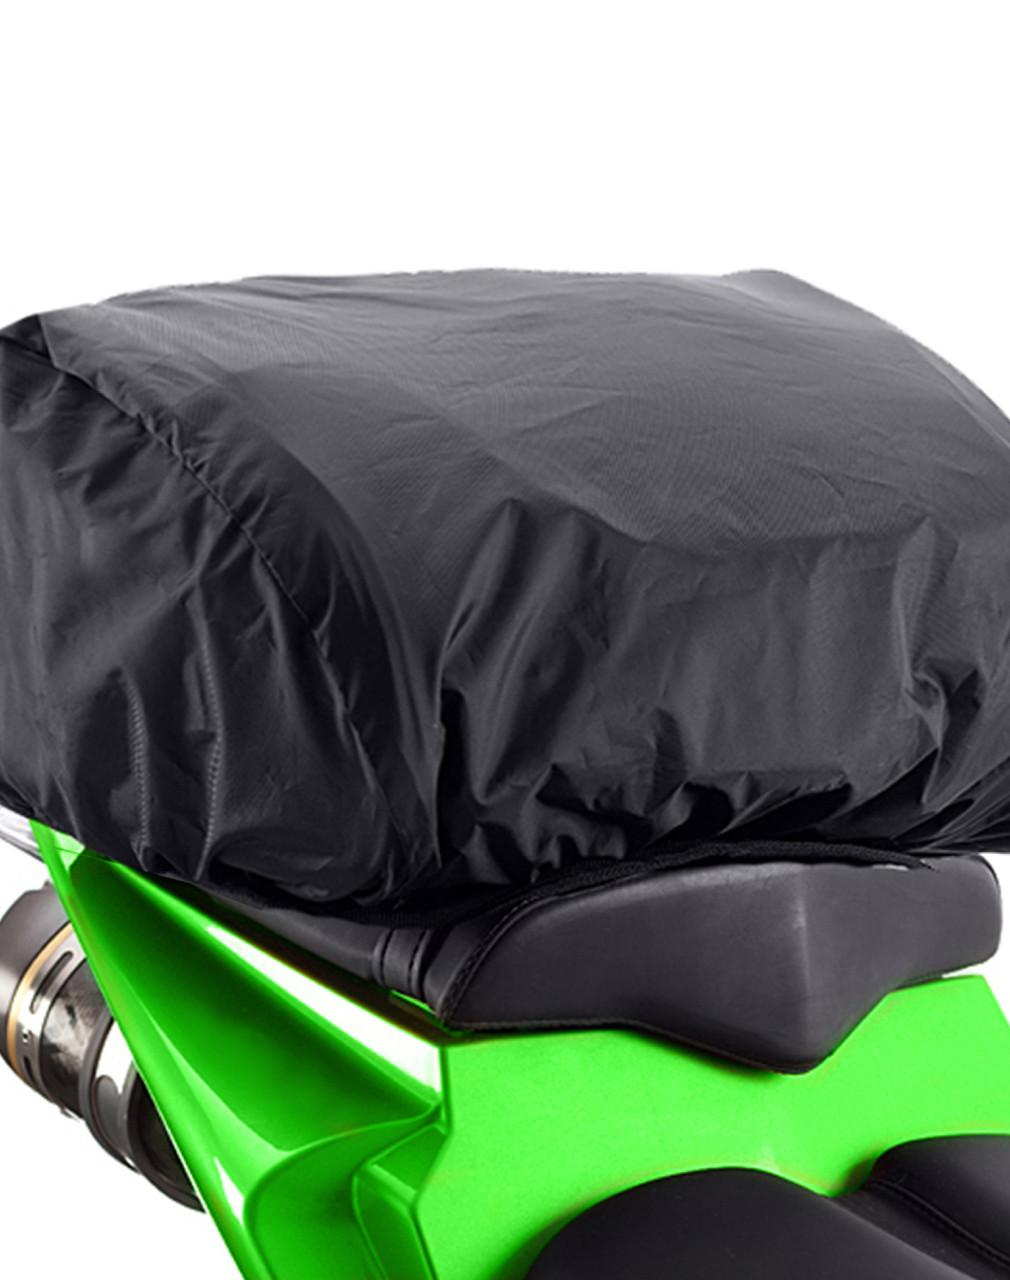 Kawasaki Viking Sport Motorcycle Tail Bag Rain Cover